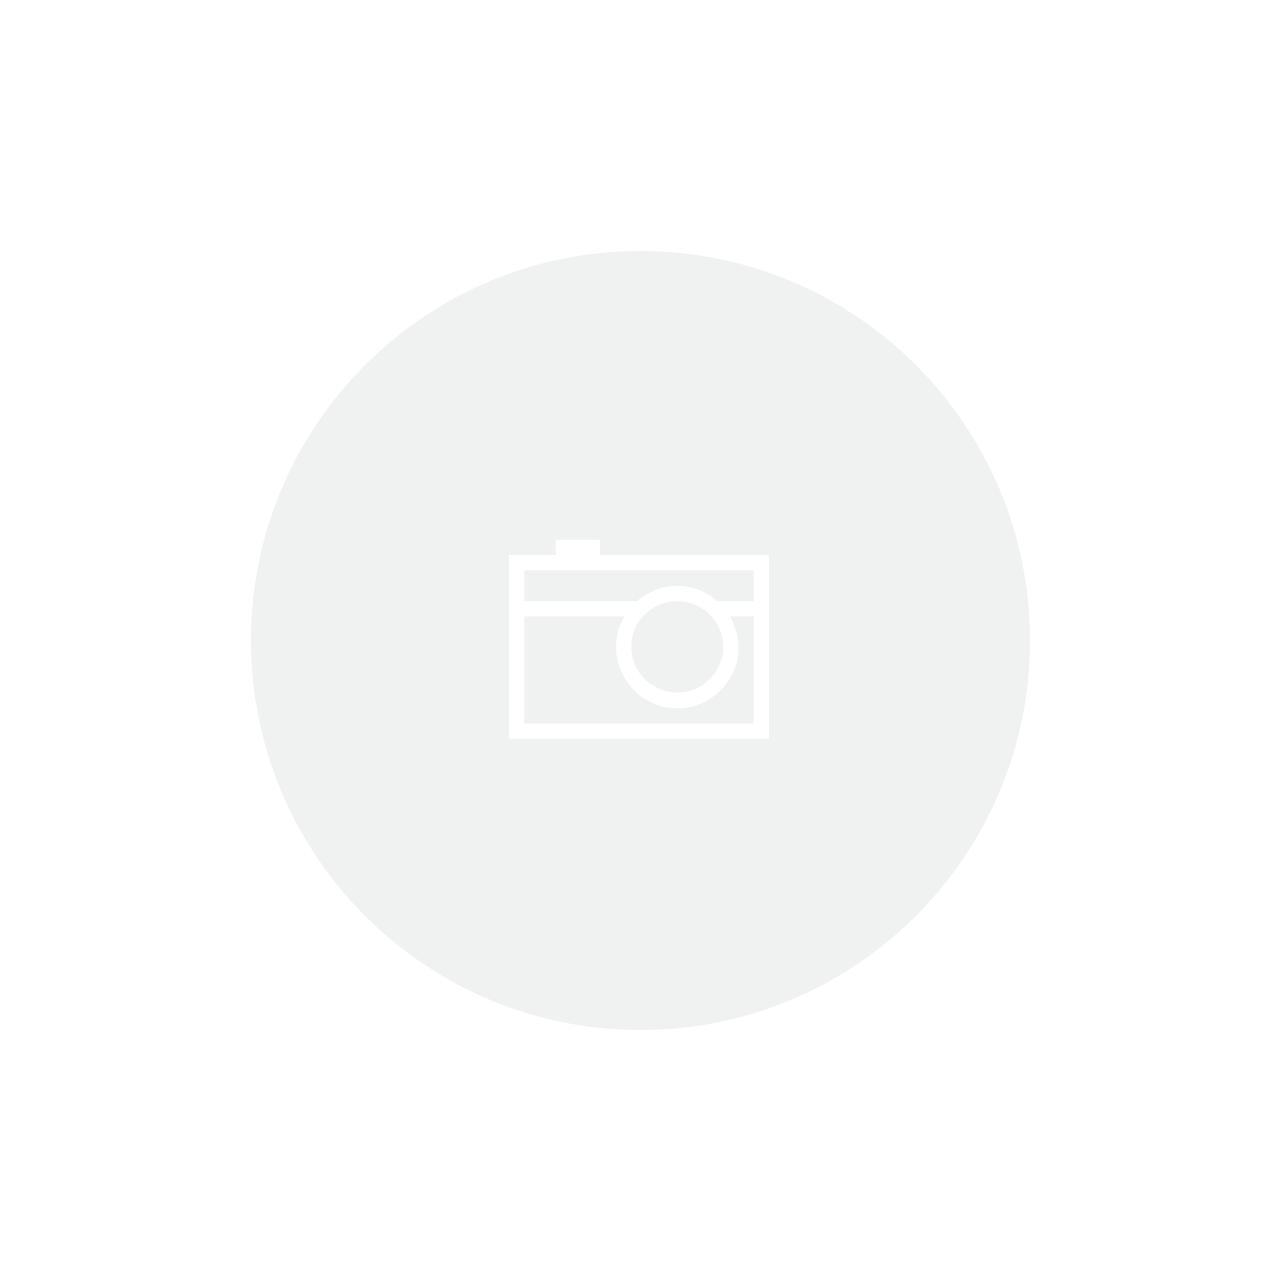 Forno Elétrico de Embutir em Aço Inox com 3 Funções Brasil p